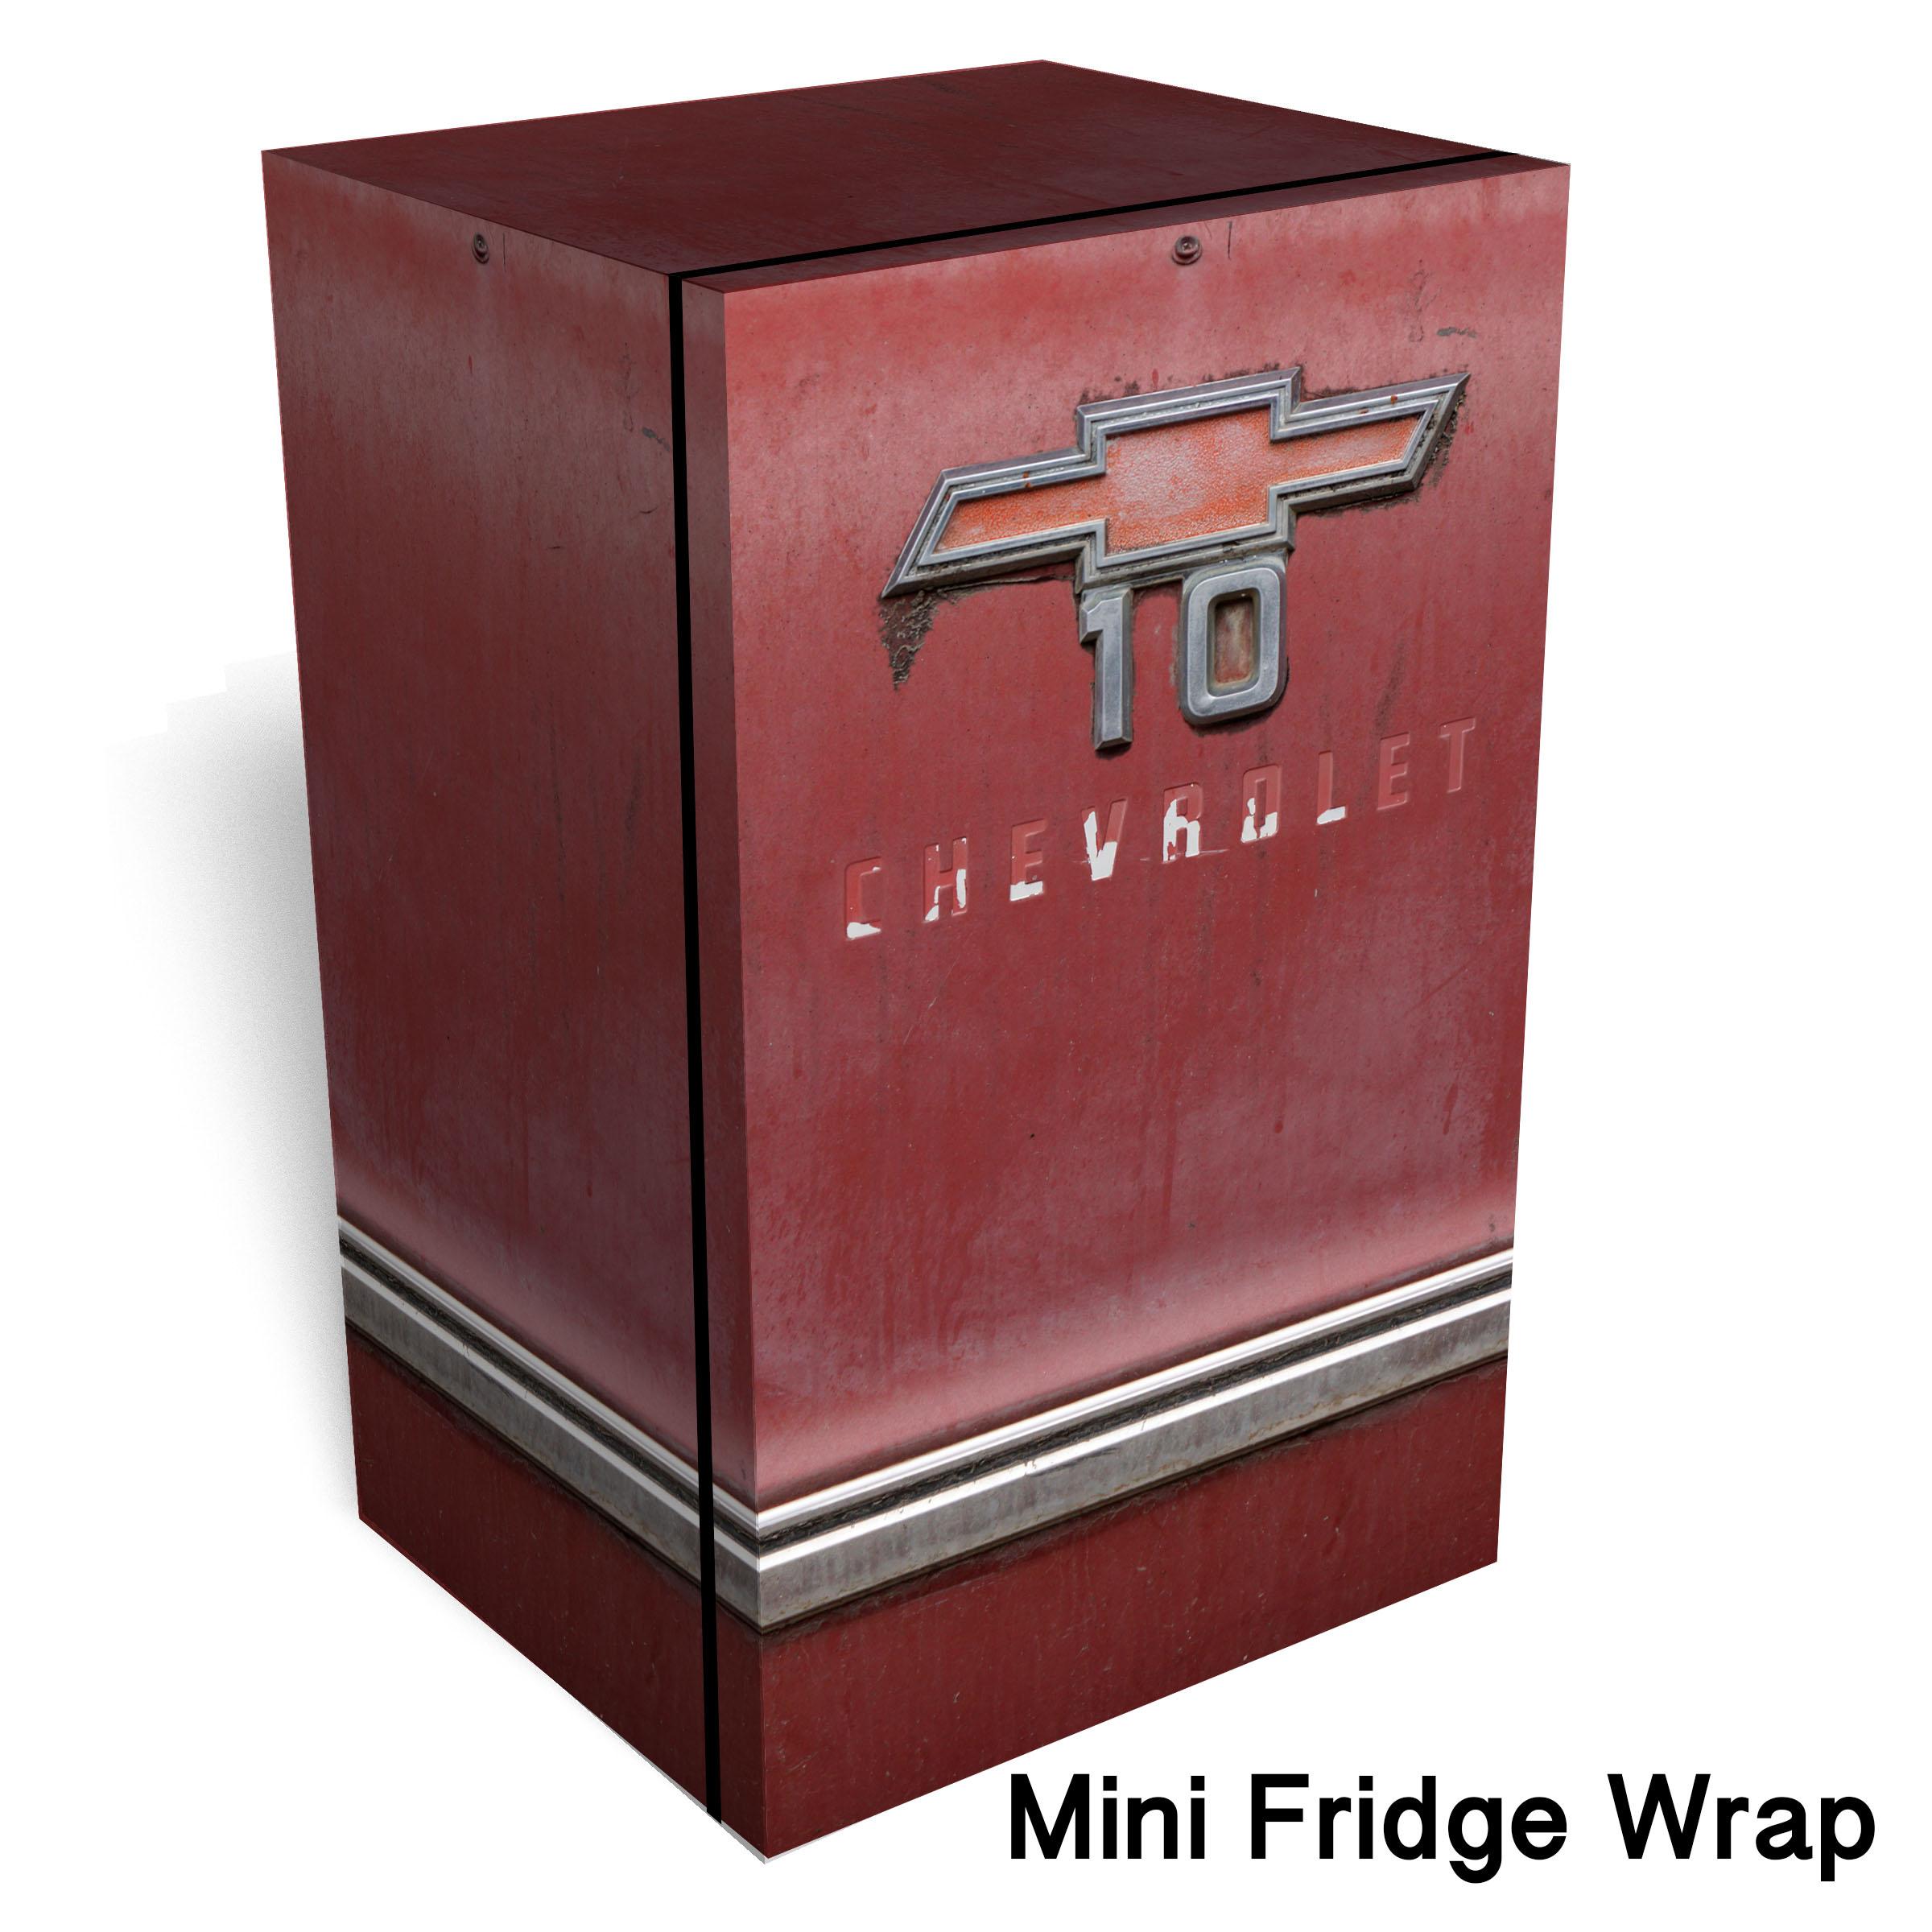 Red Chevrolet 10 mini Fridge